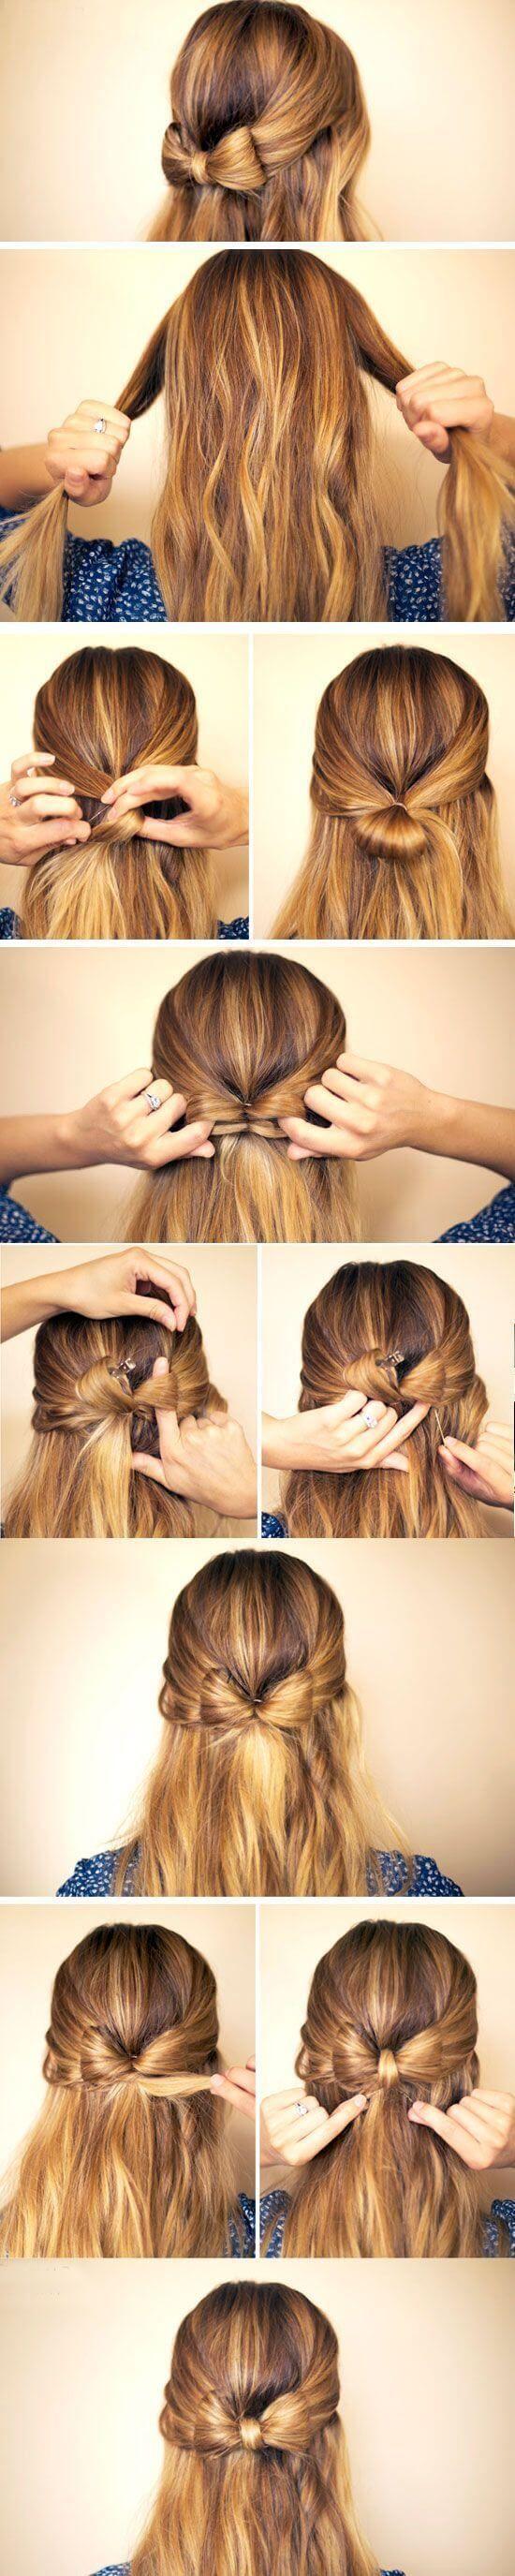 31 spezielle Festival Frisuren #selbermachen #abiballfrisuren #haarband #pferdes #hairstyletutorials